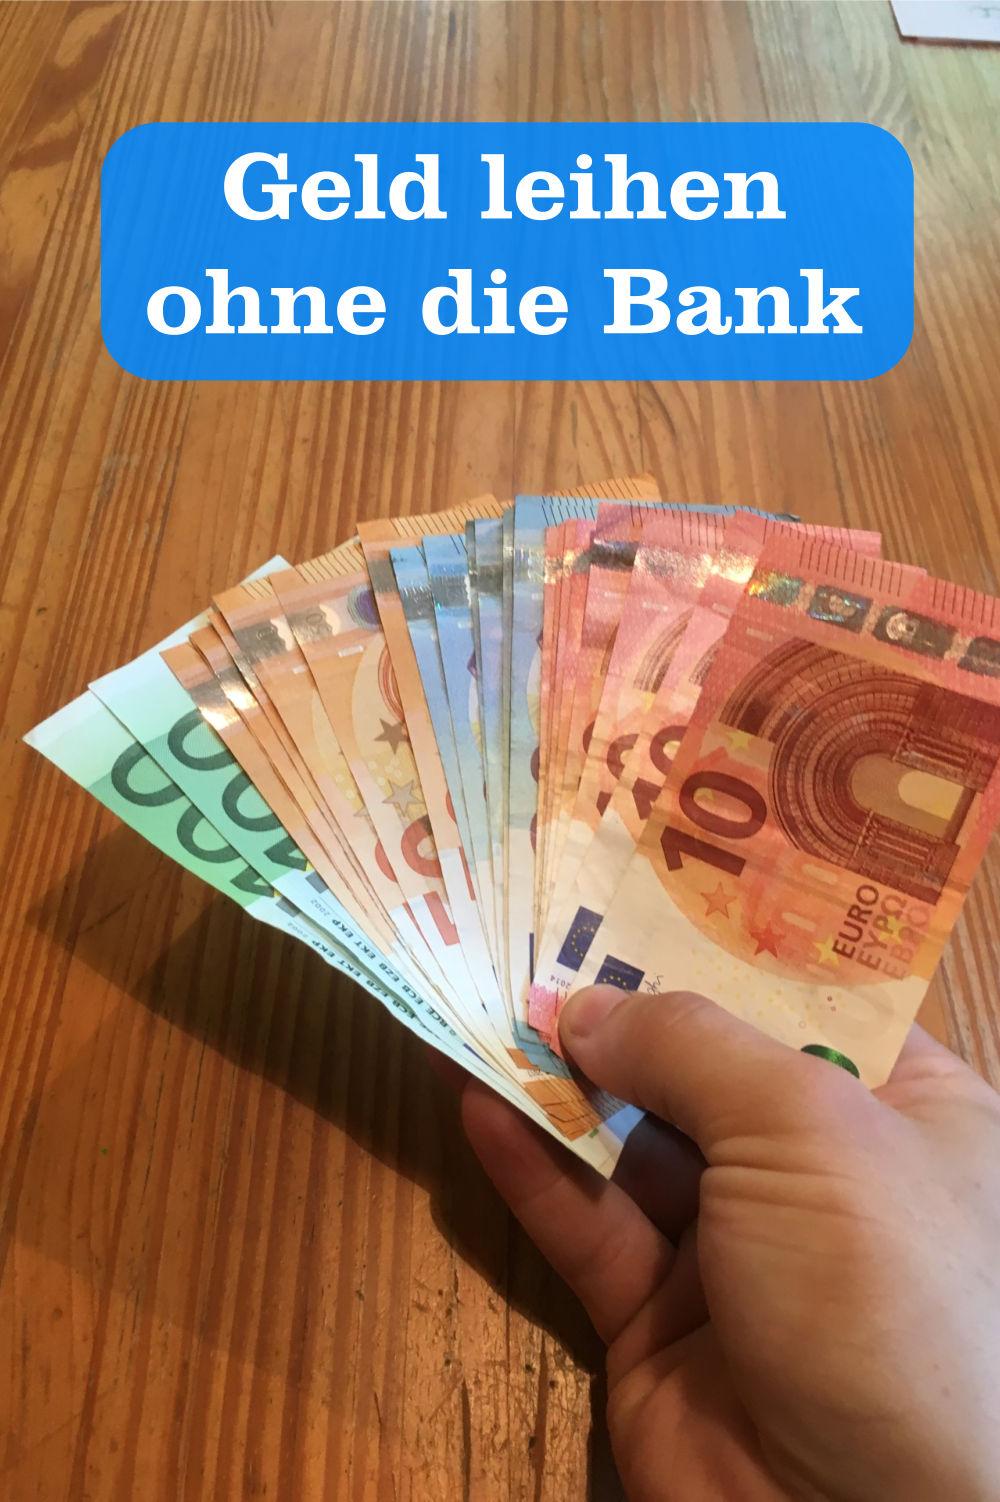 Geld leihen ohne Bank